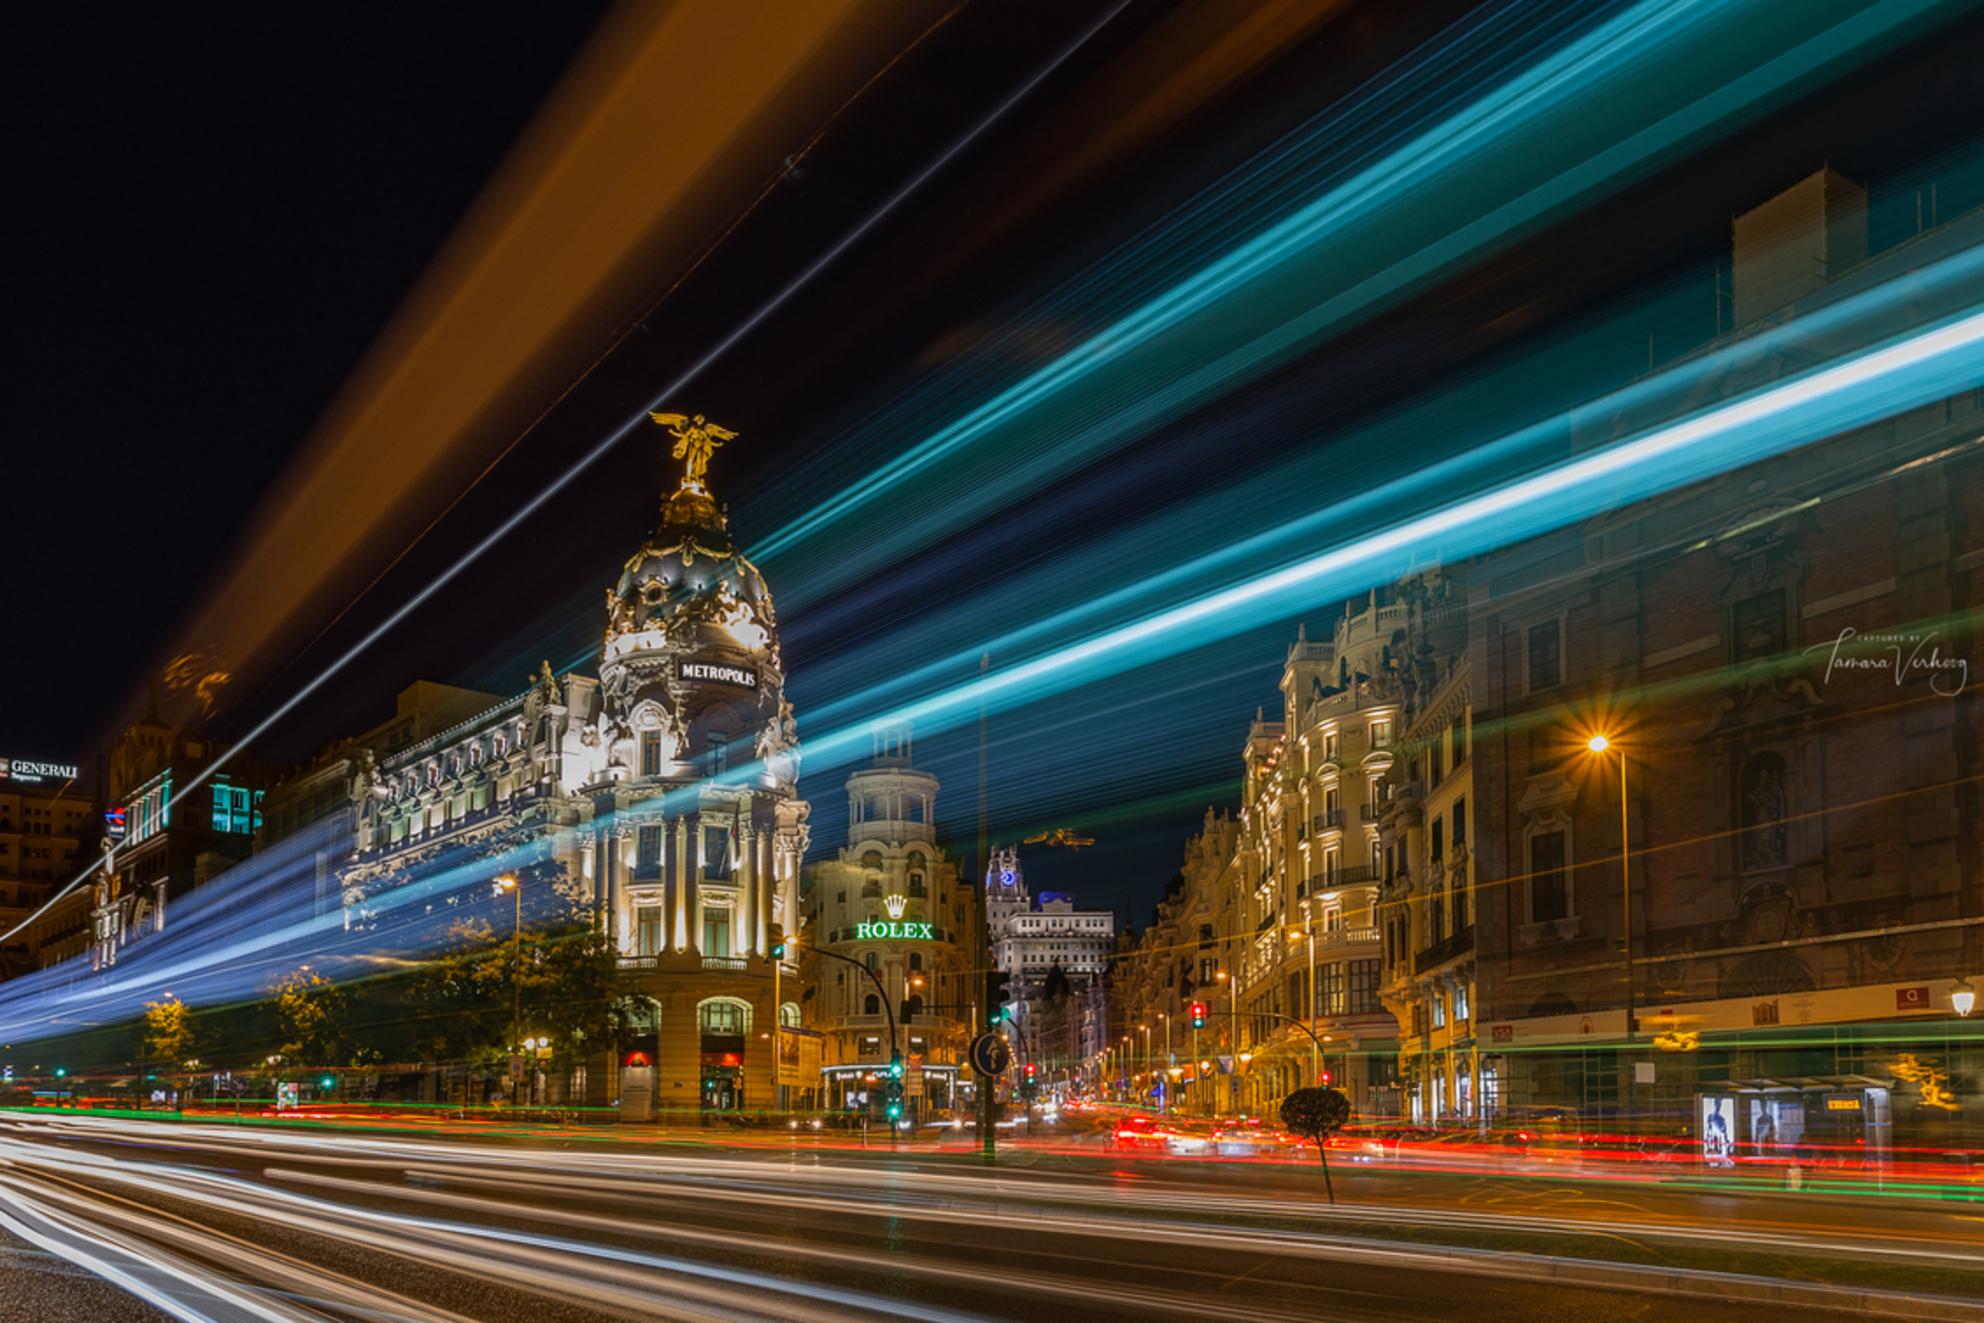 Madrid - De nacht ervoor had ik hier ook al gestaan. Echter was ik mij er niet van bewust dat de verlichting van gebouwen om middernacht uit zouden gaan en ha - foto door tamsanver op 23-07-2018 - deze foto bevat: kleur, architectuur, le, gebouw, stad, cultuur, straatfotografie, madrid, toerisme, reisfotografie, europa